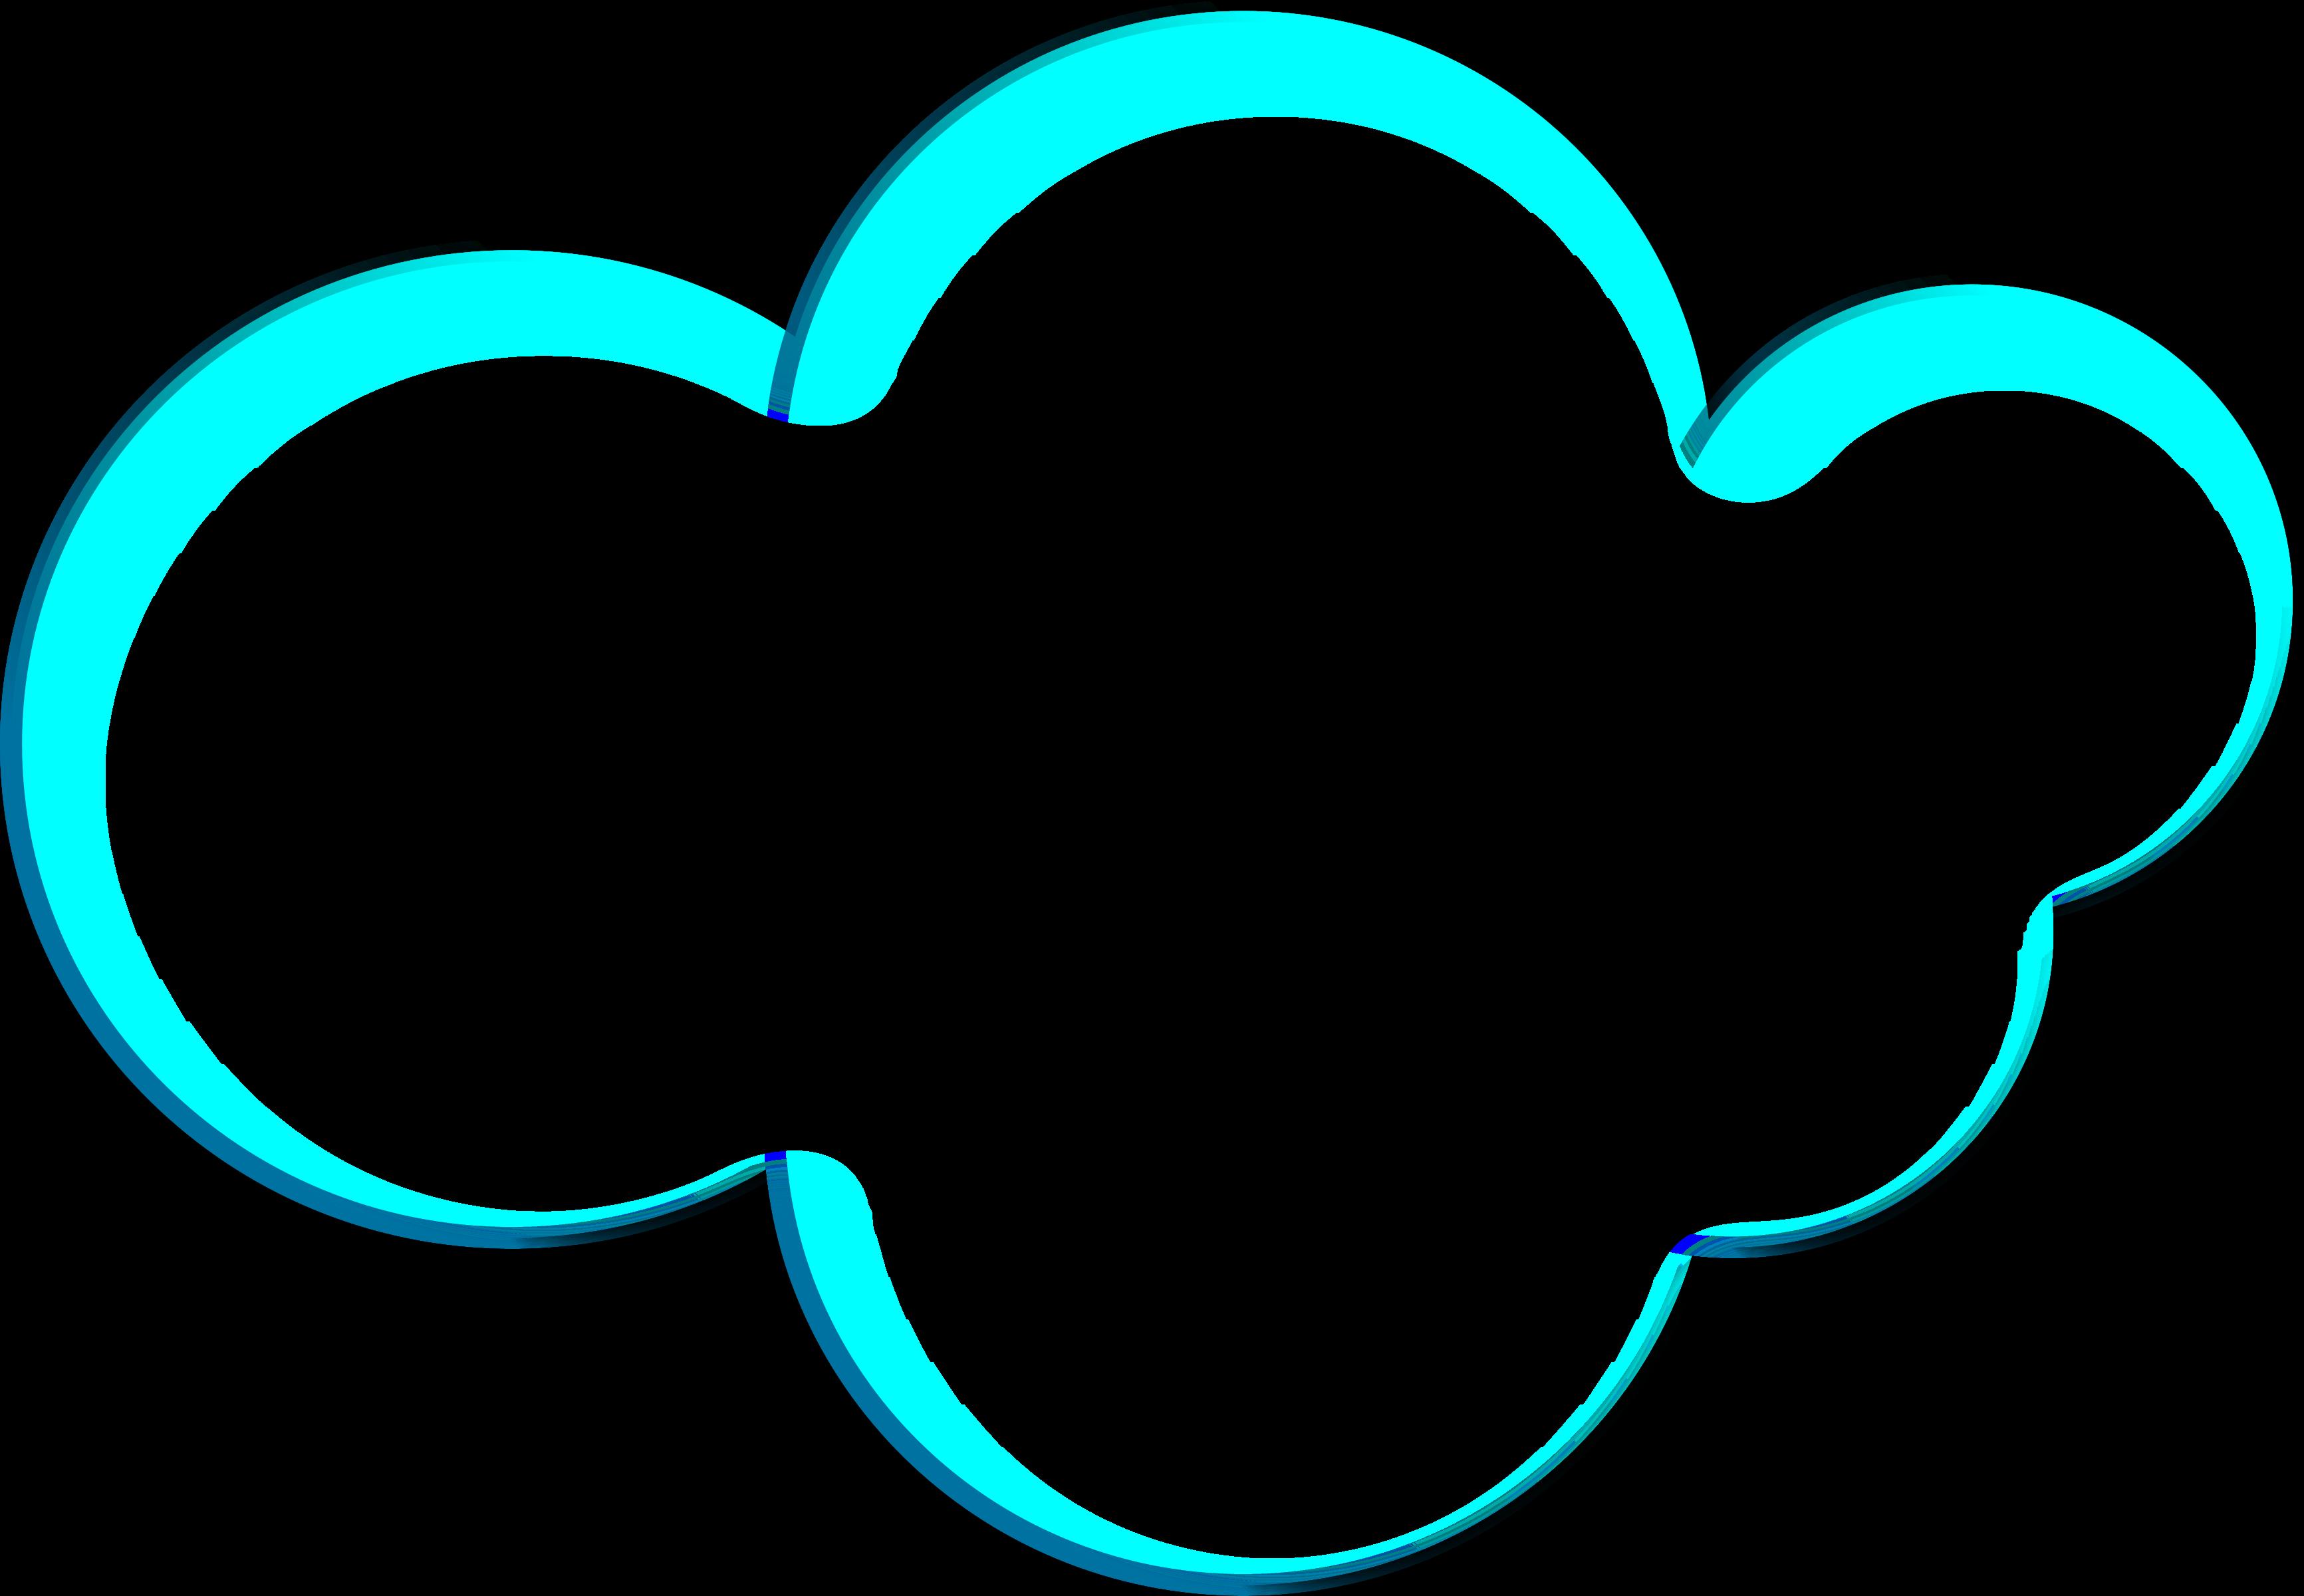 cloud wallpaper clip art - photo #38